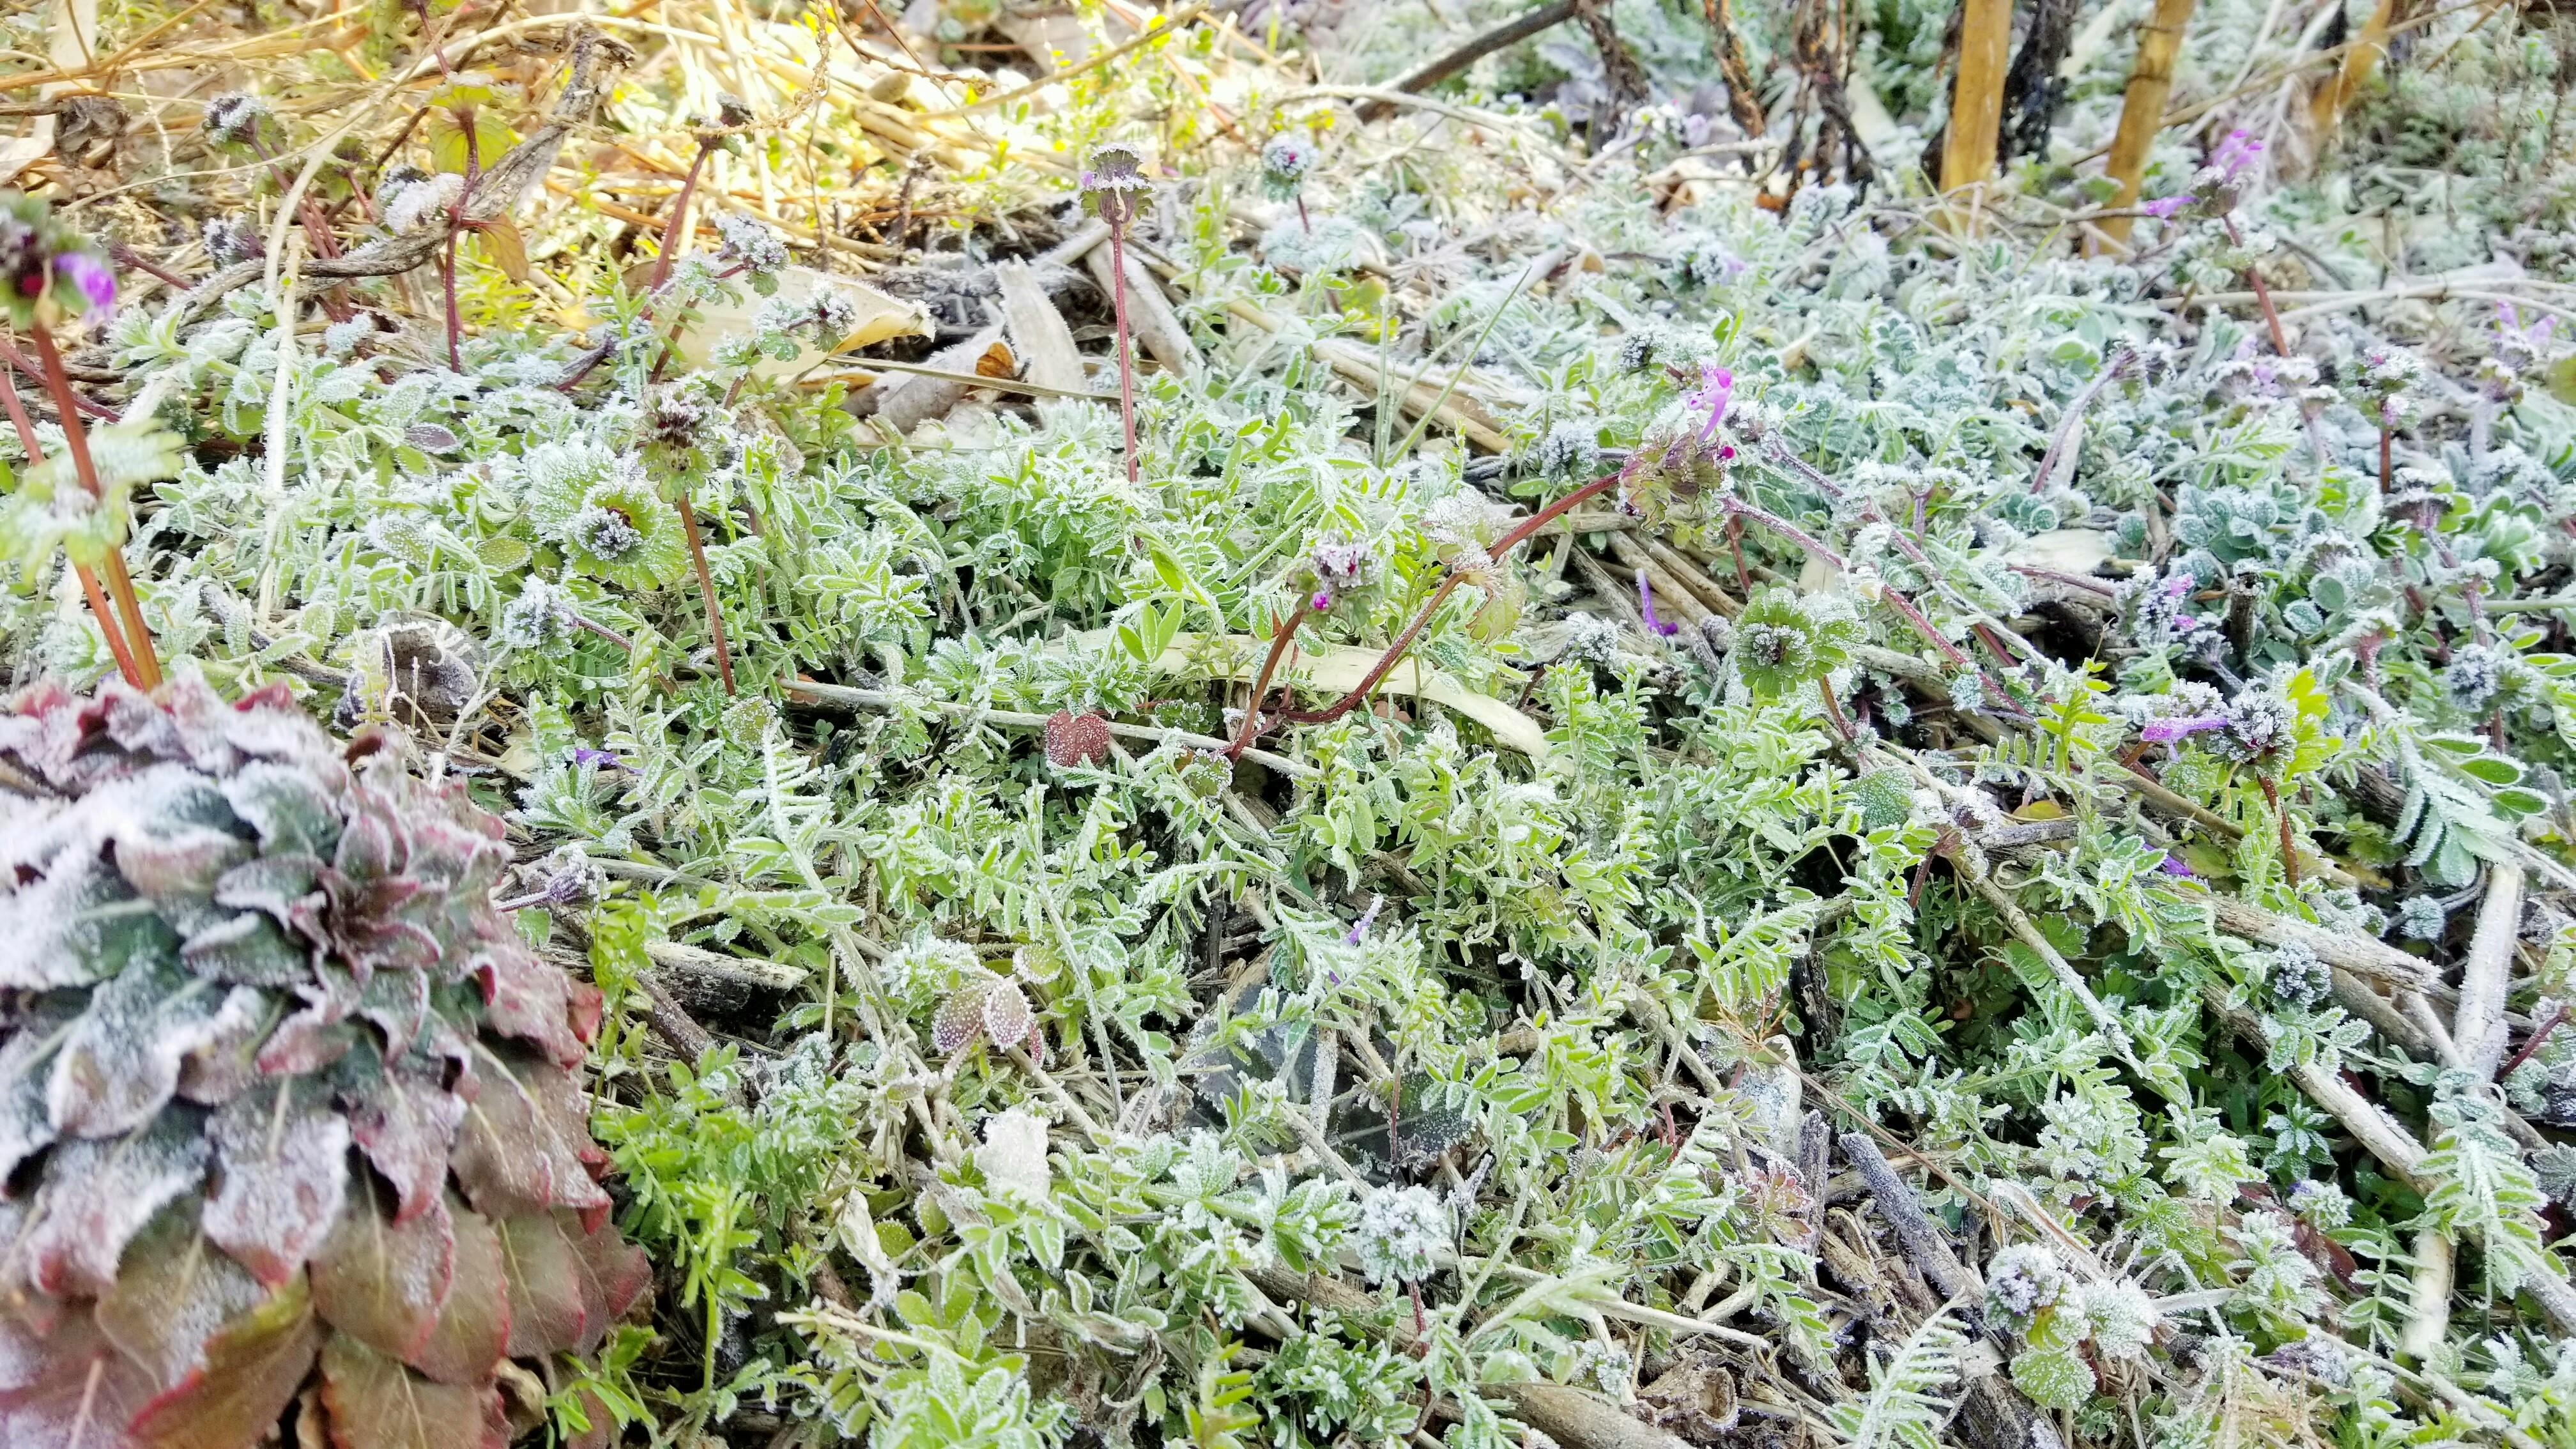 早めの春つくし山菜採り綺麗な霜雑草山遊び最高ルンルン季節もの